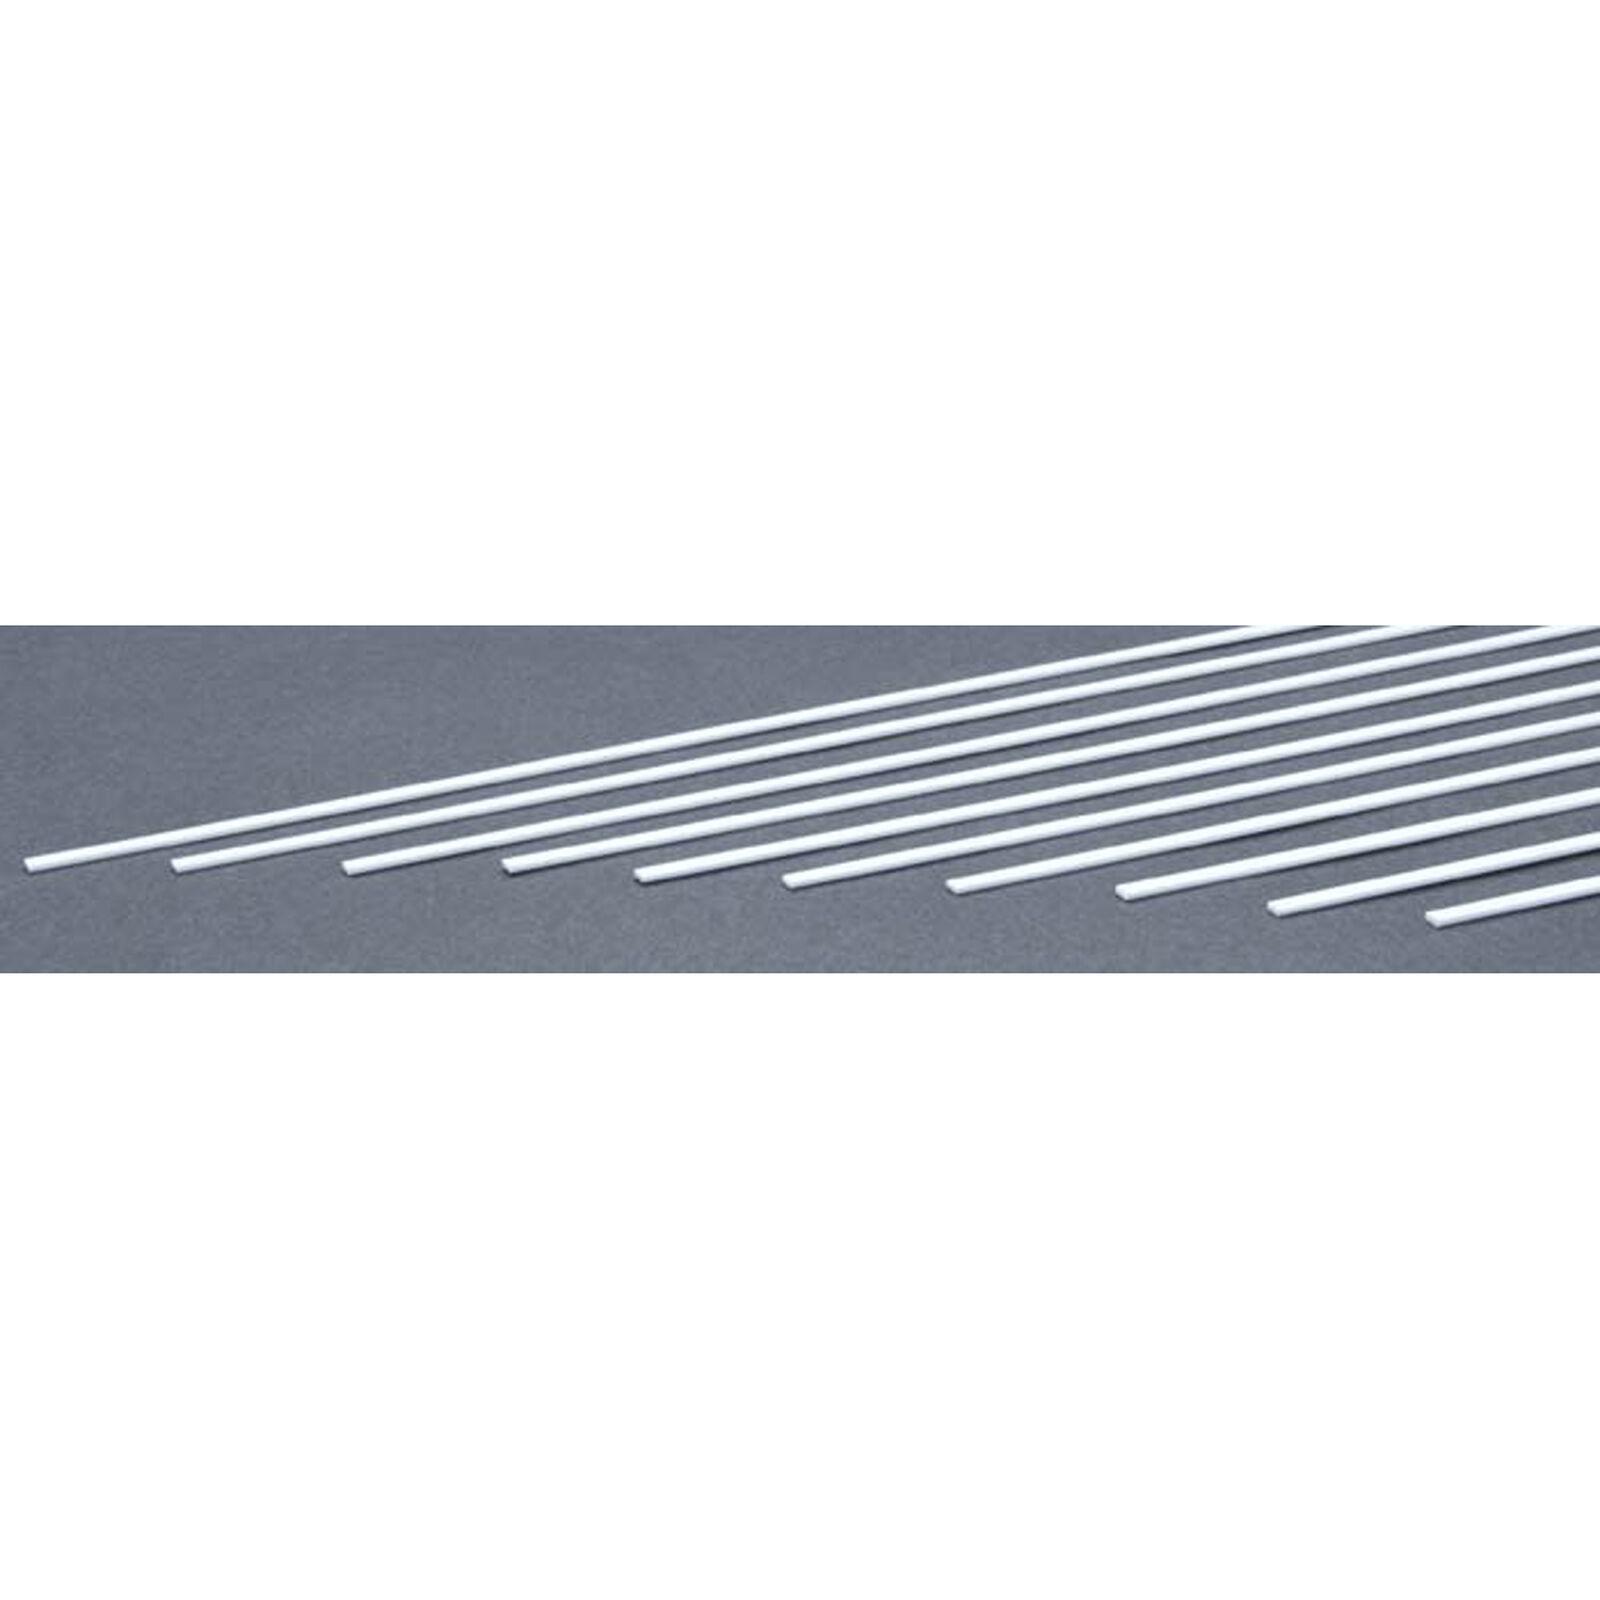 Strip .040 x .125 (10)